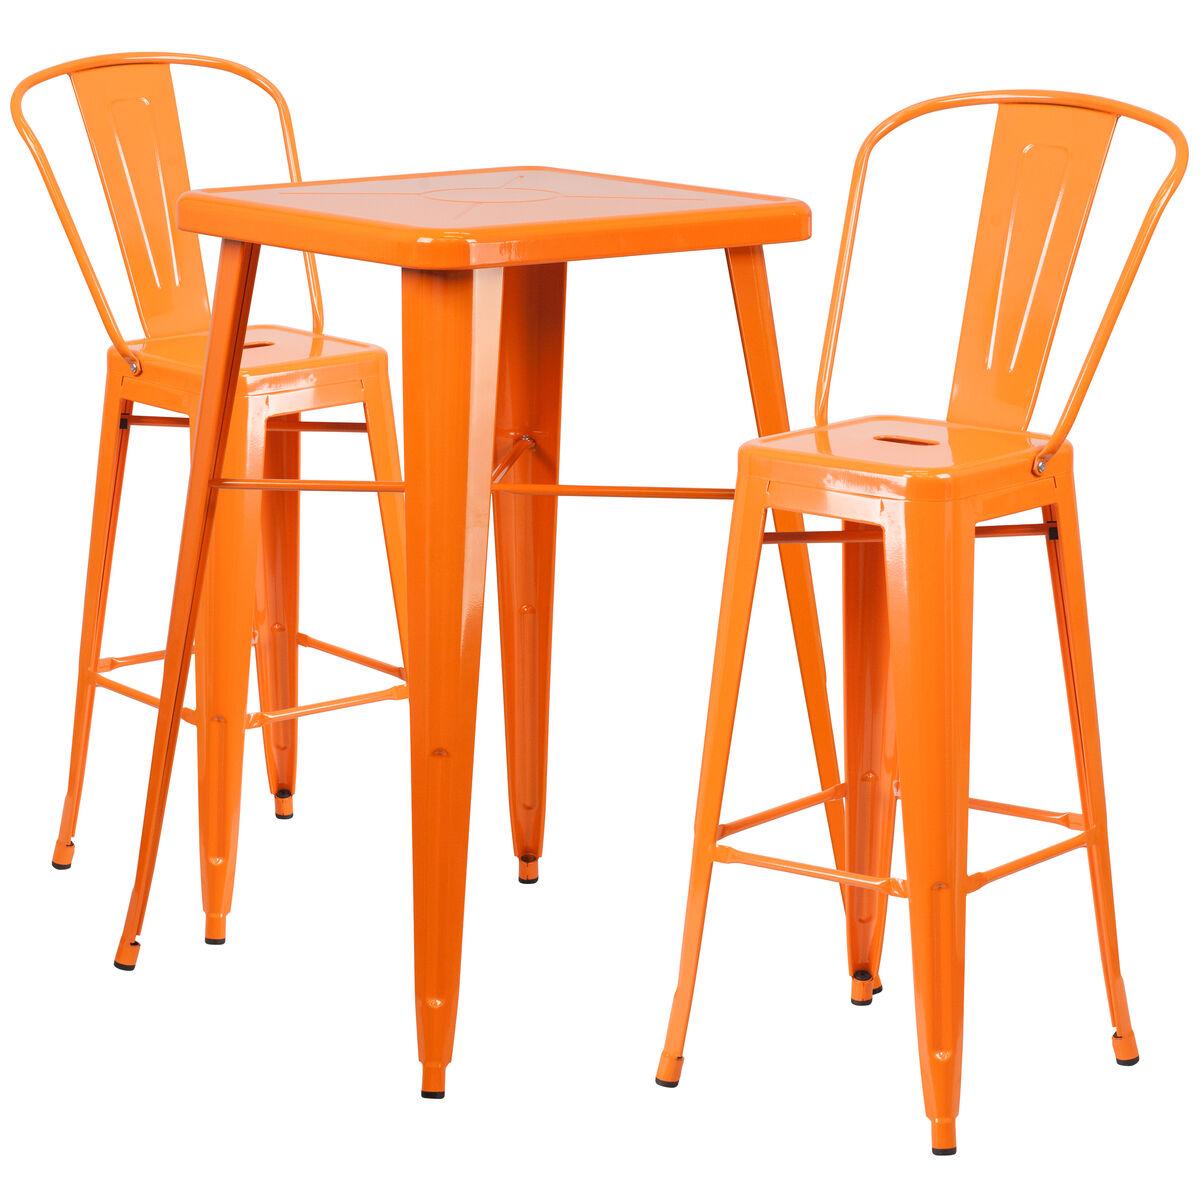 Flash Furniture 23 75 Square Orange Metal Indoor Outdoor